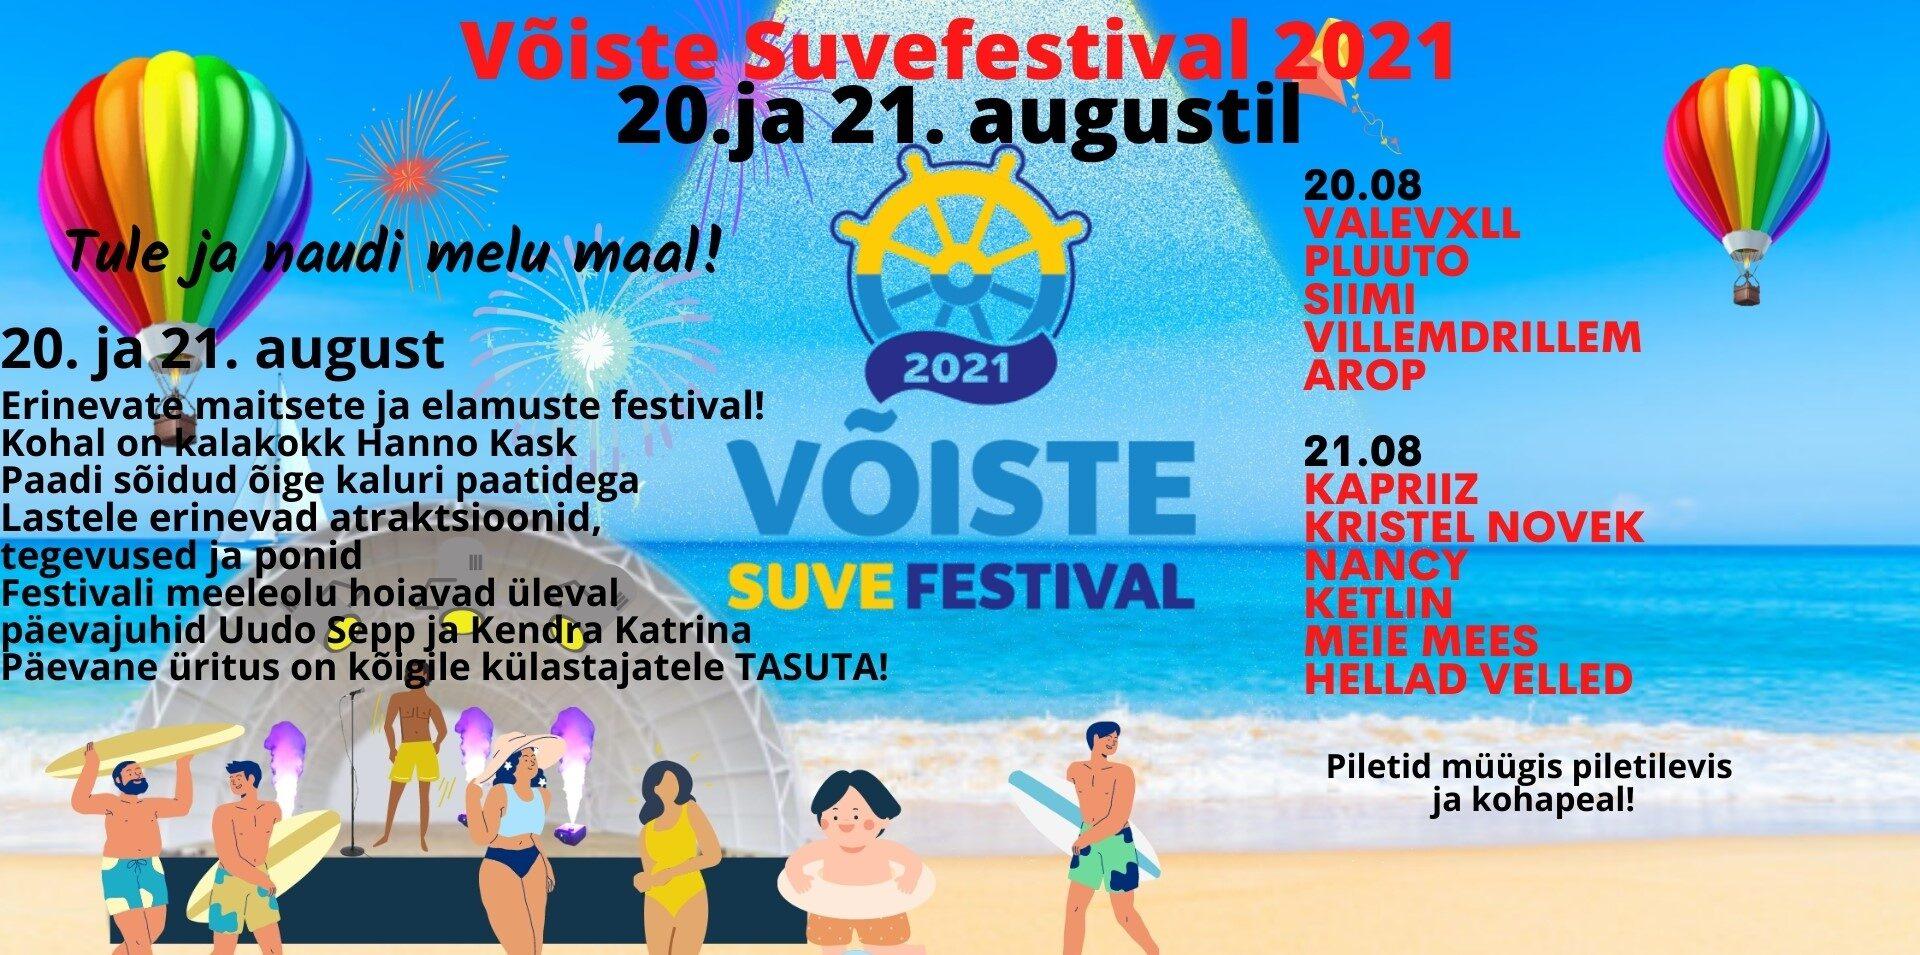 Посмотрите рыбное событие: Летний фестиваль в Выйсте